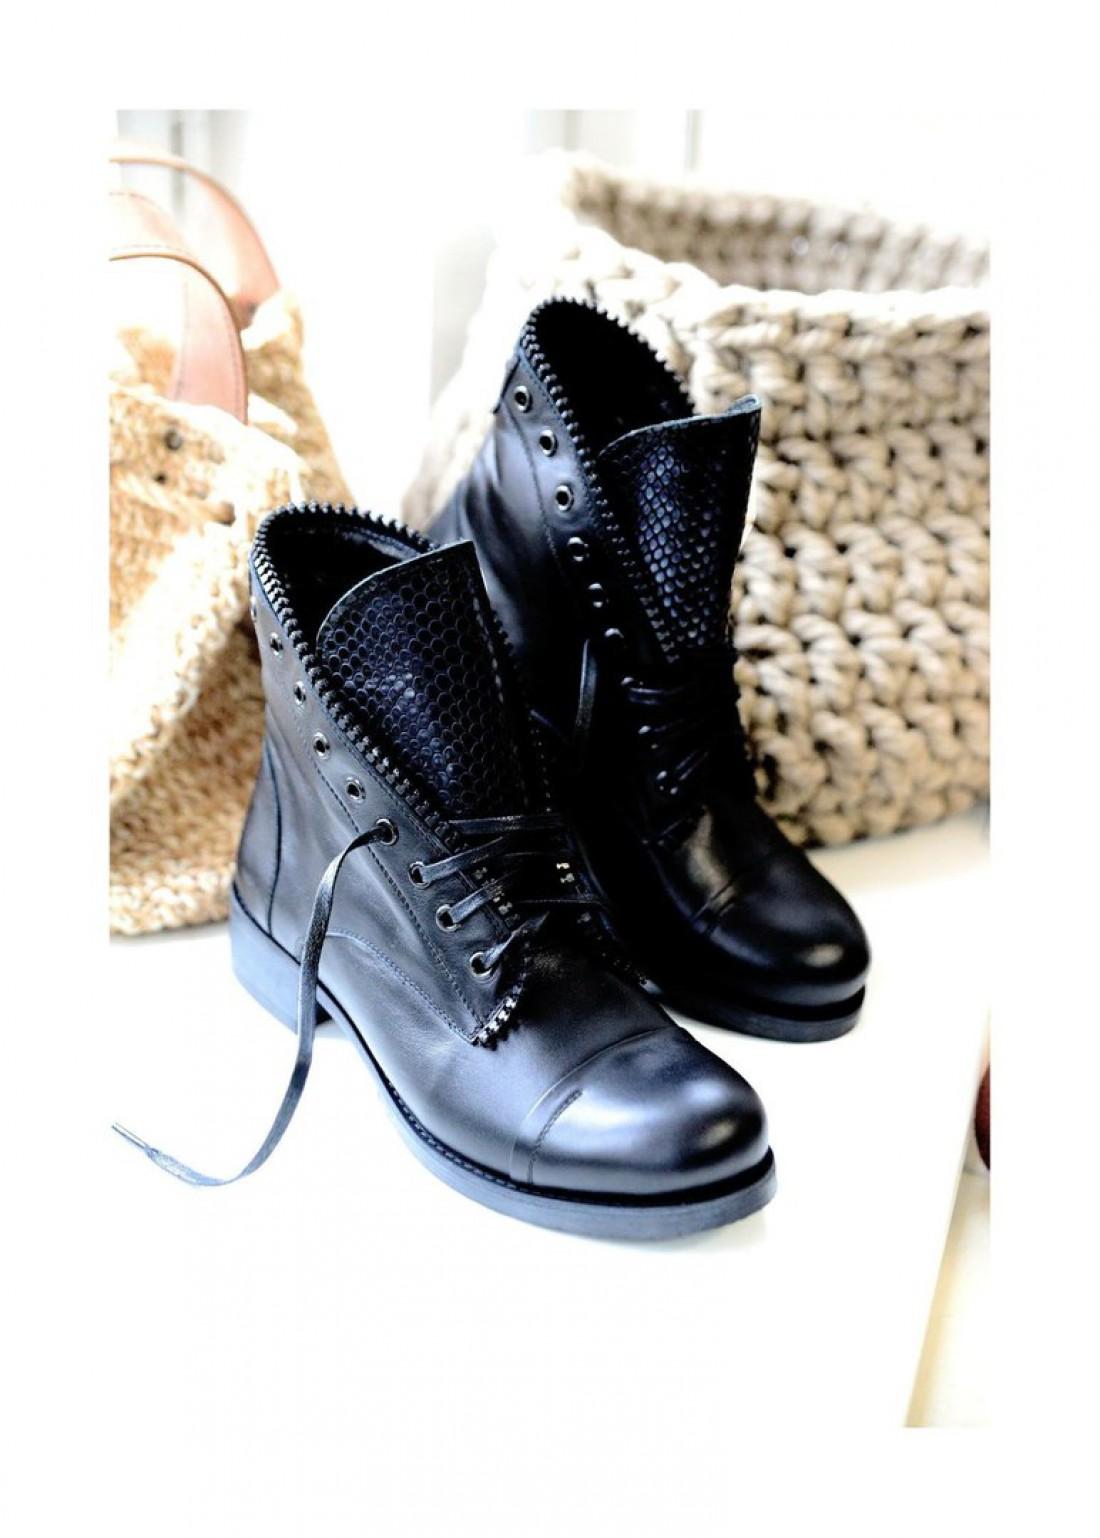 Ботинки от мастерской обуви Хамелеон